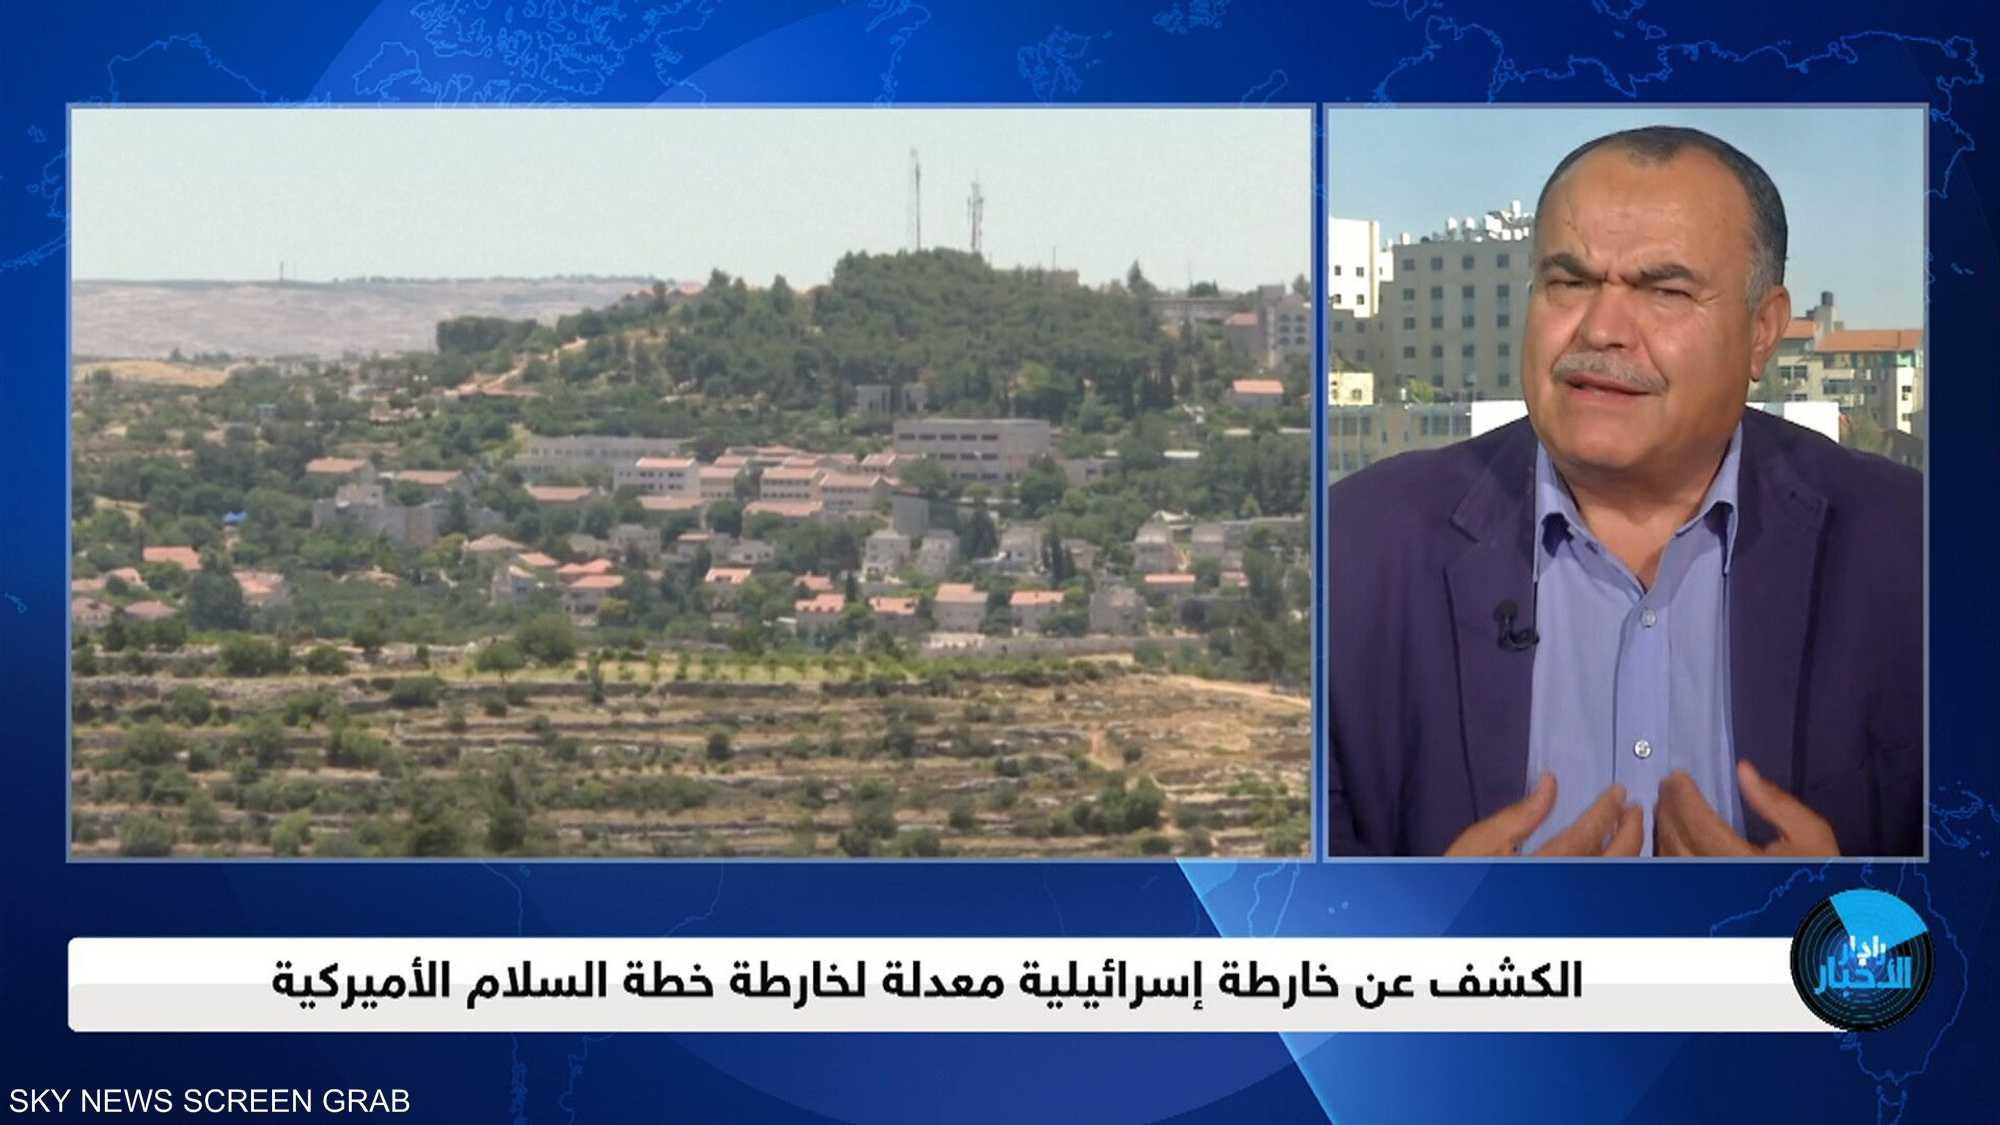 وزير خارجية إسرائيل يستبعد إعلان ضم أراض في الضفة